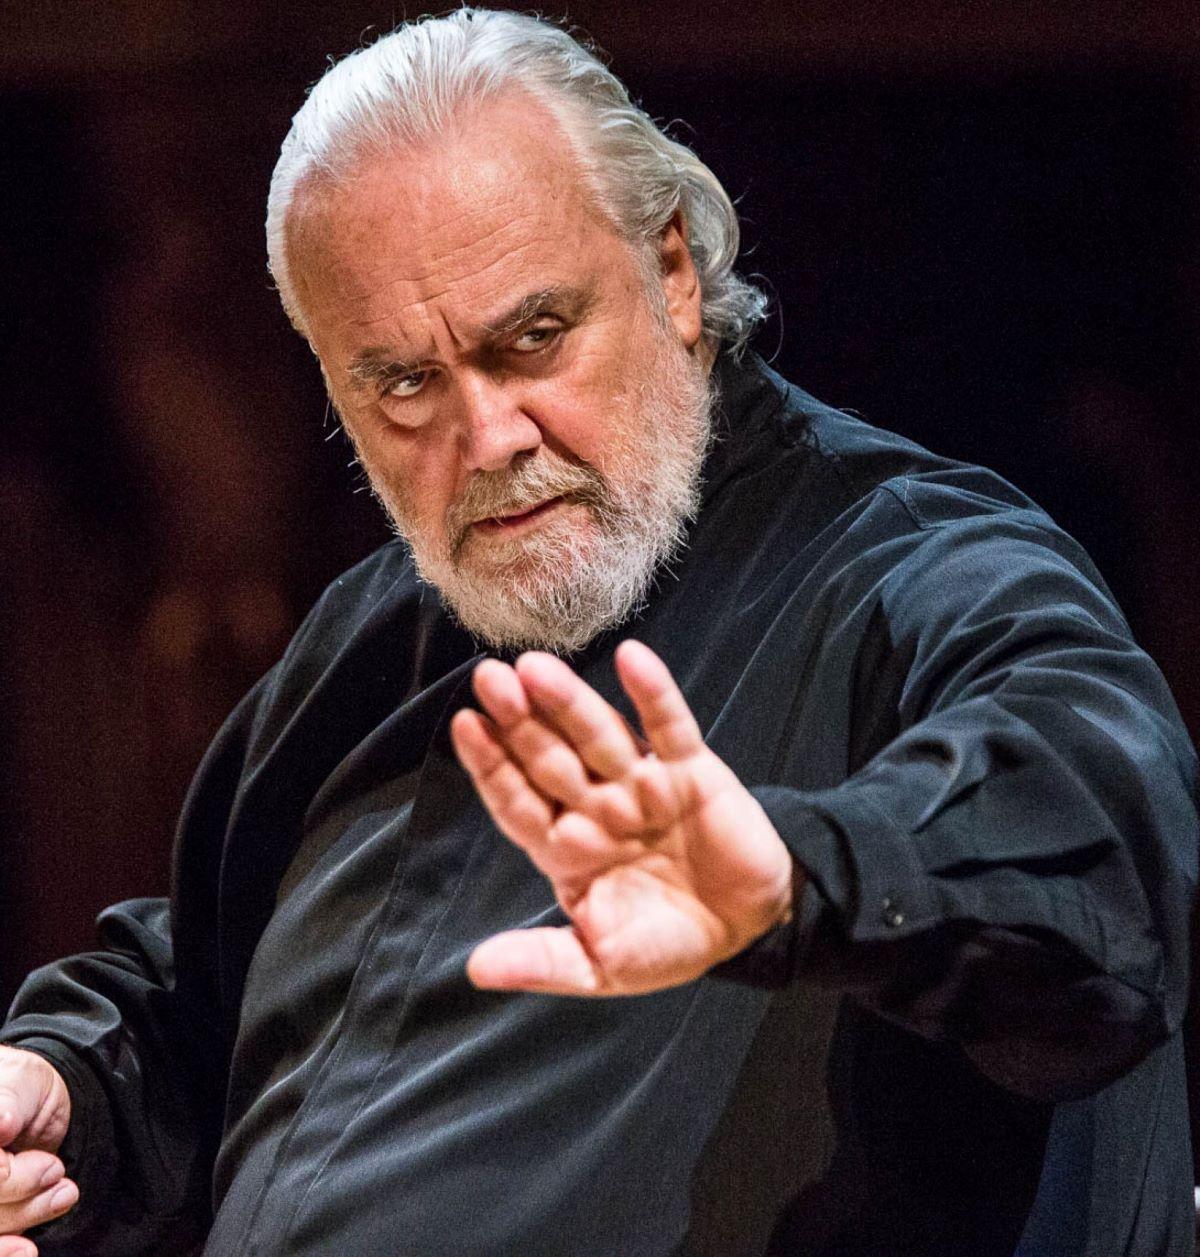 Lutto Musica Morto Direttore Orchestra Gianluigi Gelmetti